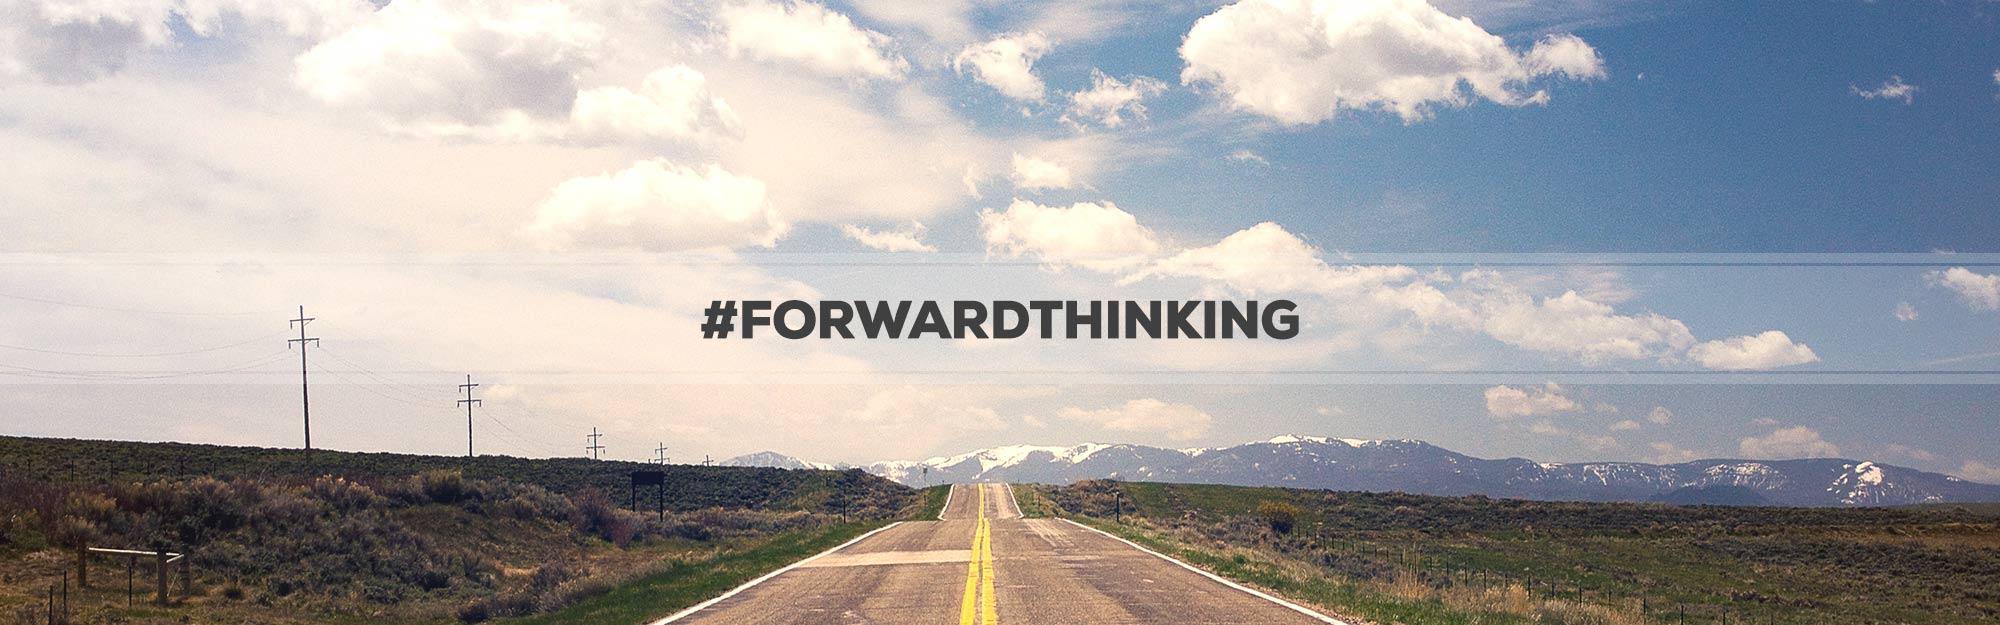 #FORWARDTHINKING